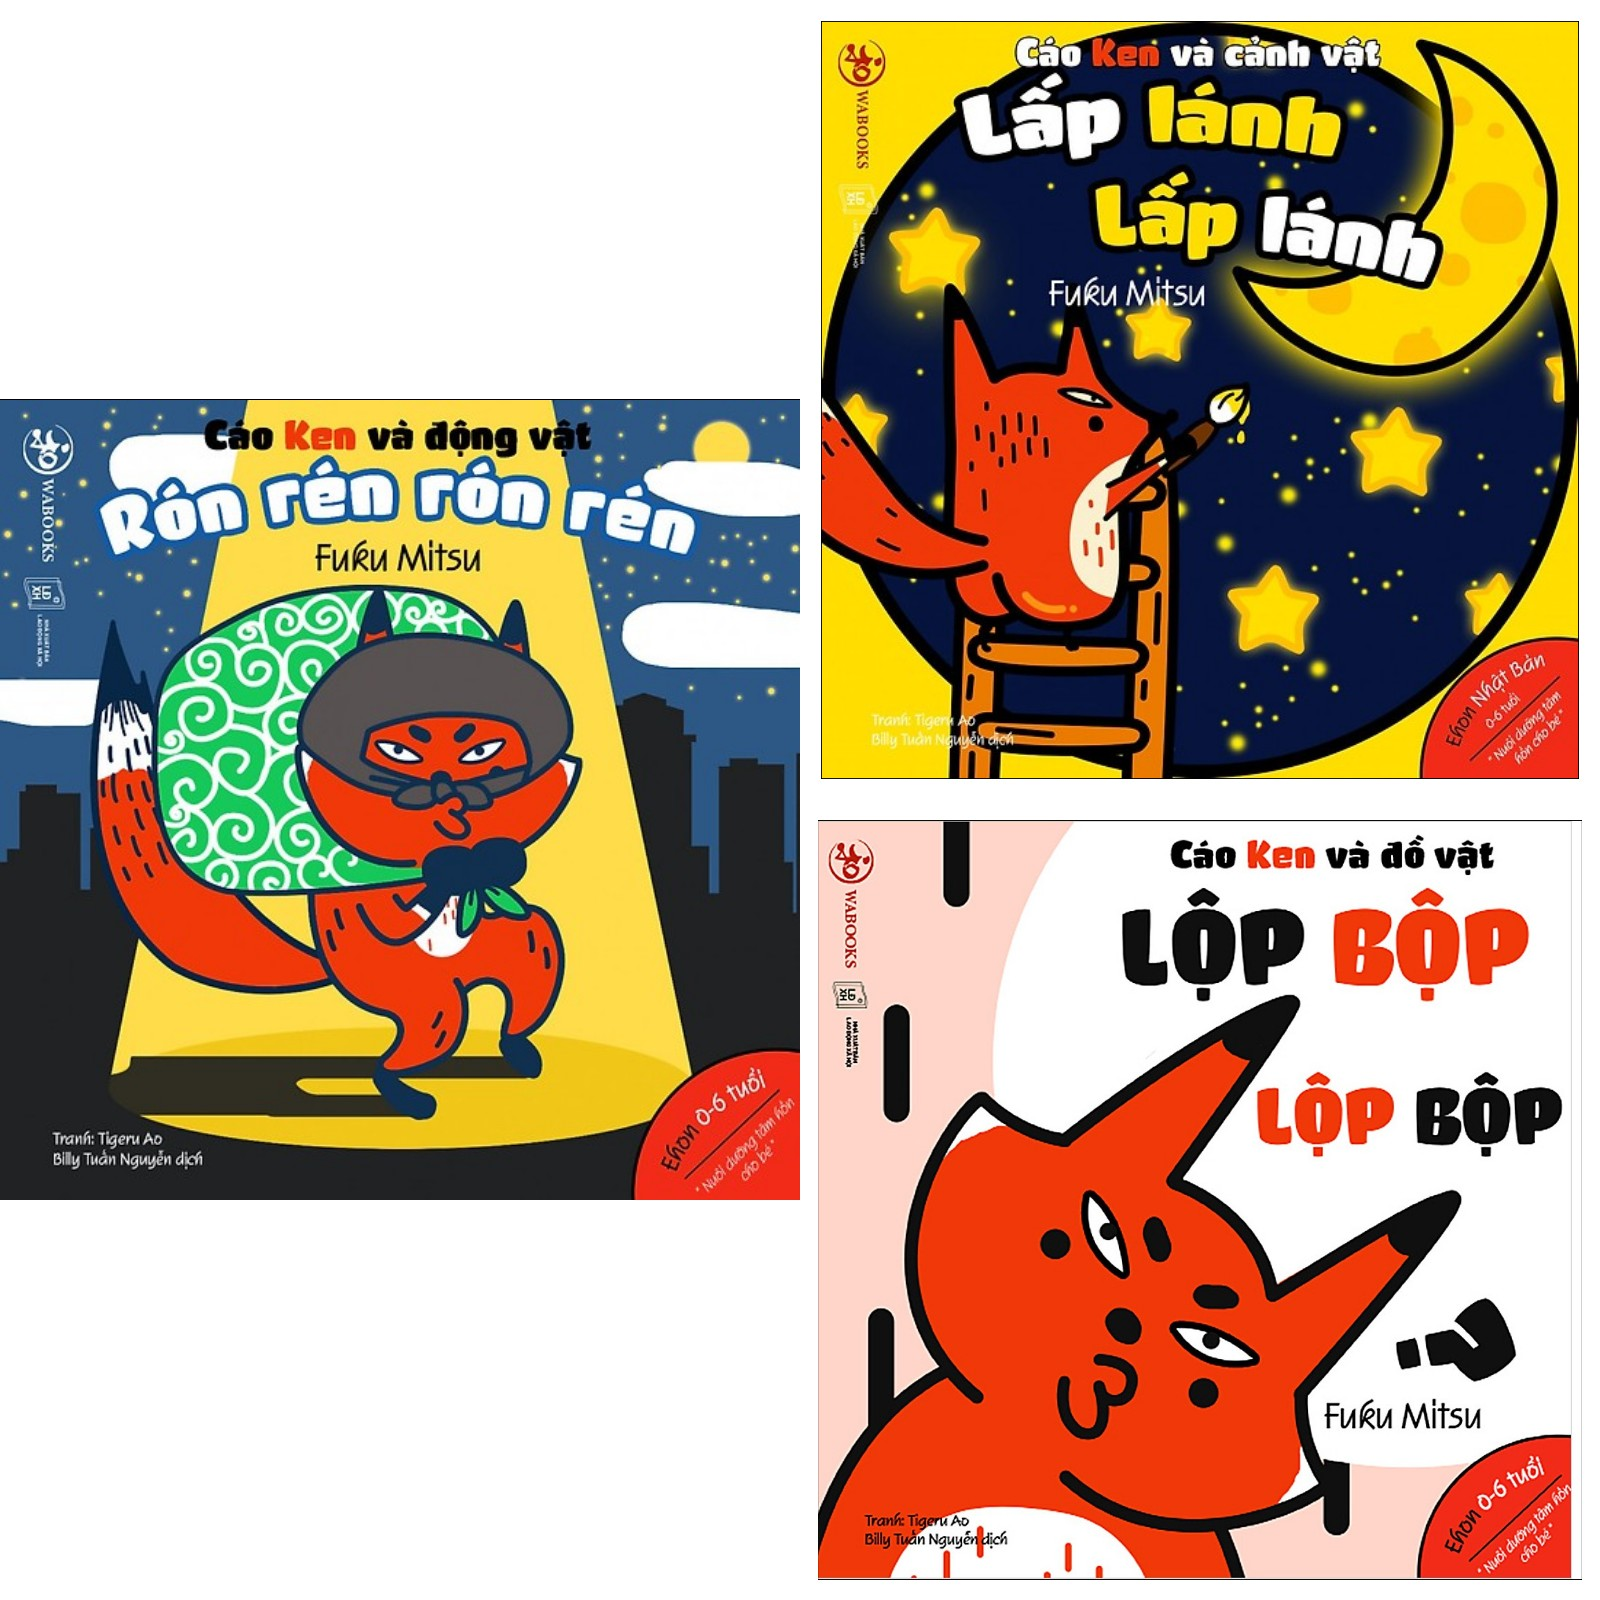 Combo 3 Cuốn Ehon Nhật Bản Những Điều Kỳ Diệu Của Âm Thanh: Cáo Ken Và Động Vật - Rón Rén Rón Rén + Cáo Ken Và Đồ Vật - Lộp Bộp Lộp Bộp + Cáo Ken Và Cảnh Vật - Lấp Lánh Lấp Lánh (Bộ Sách Nuôi Dưỡng Tâm Hồn Cho Bé 0 - 6 Tuổi/ Tặng kèm Bookmark Happy Life)